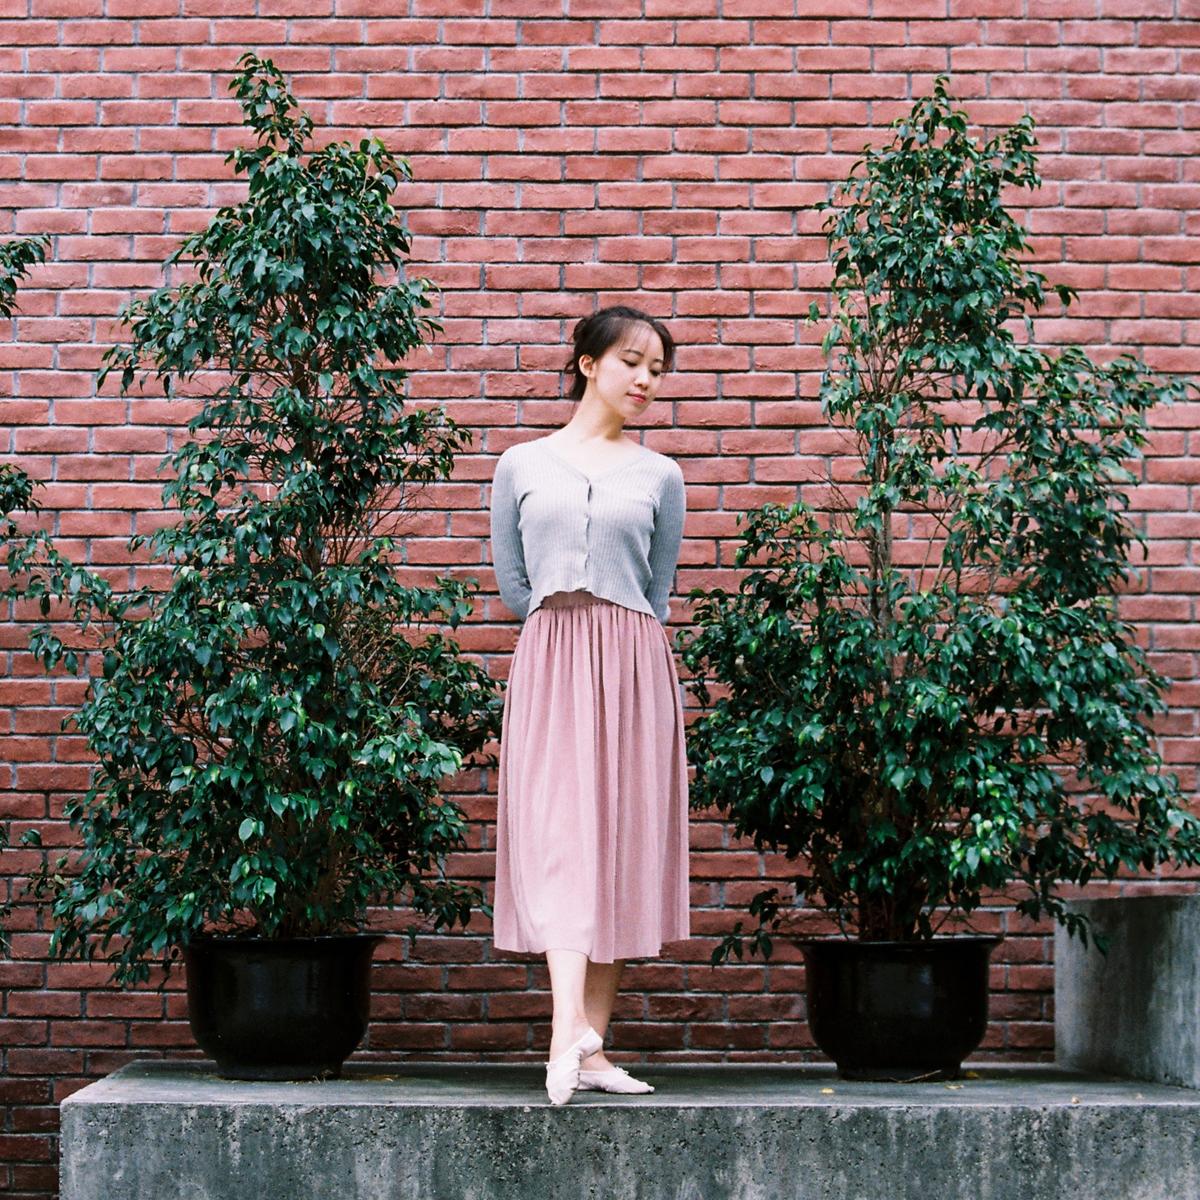 Sprazzi_Professional_Portrait_Photo_Shanghai_Susi_Original_40.jpg